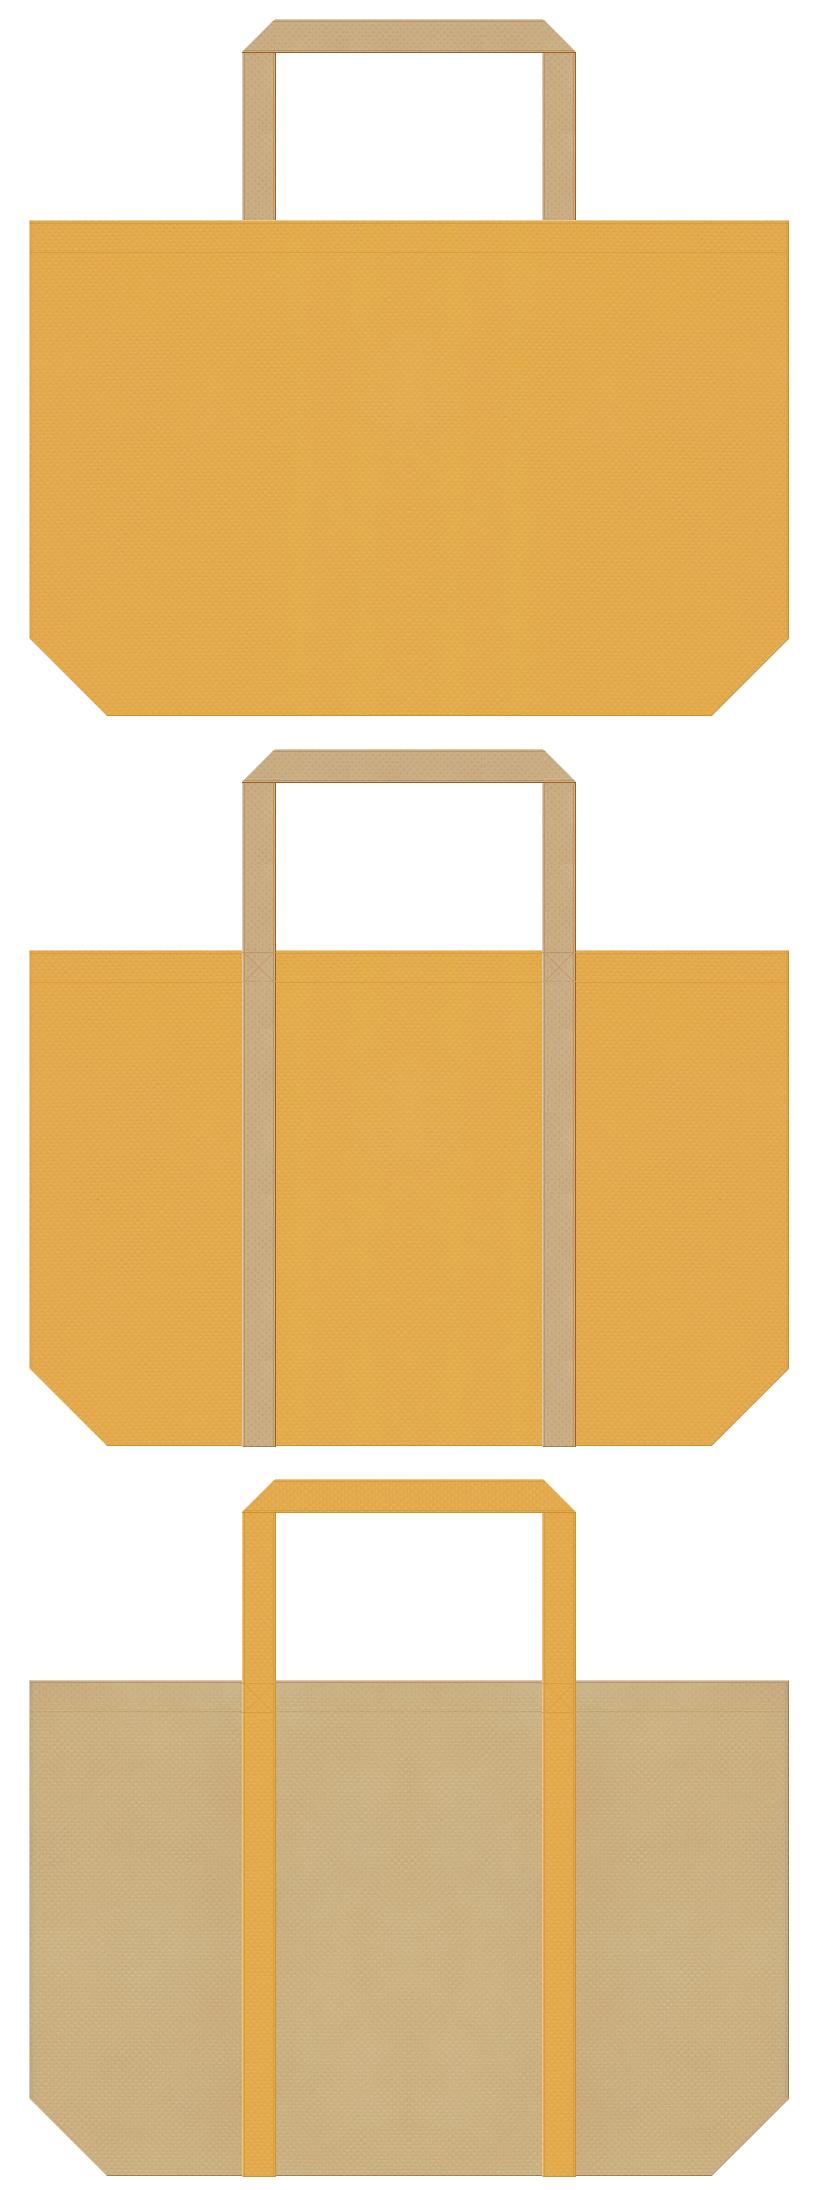 黄土色とカーキ色の不織布ショッピングバッグデザイン。手芸用品・木工用品・DIYにお奨めの配色です。